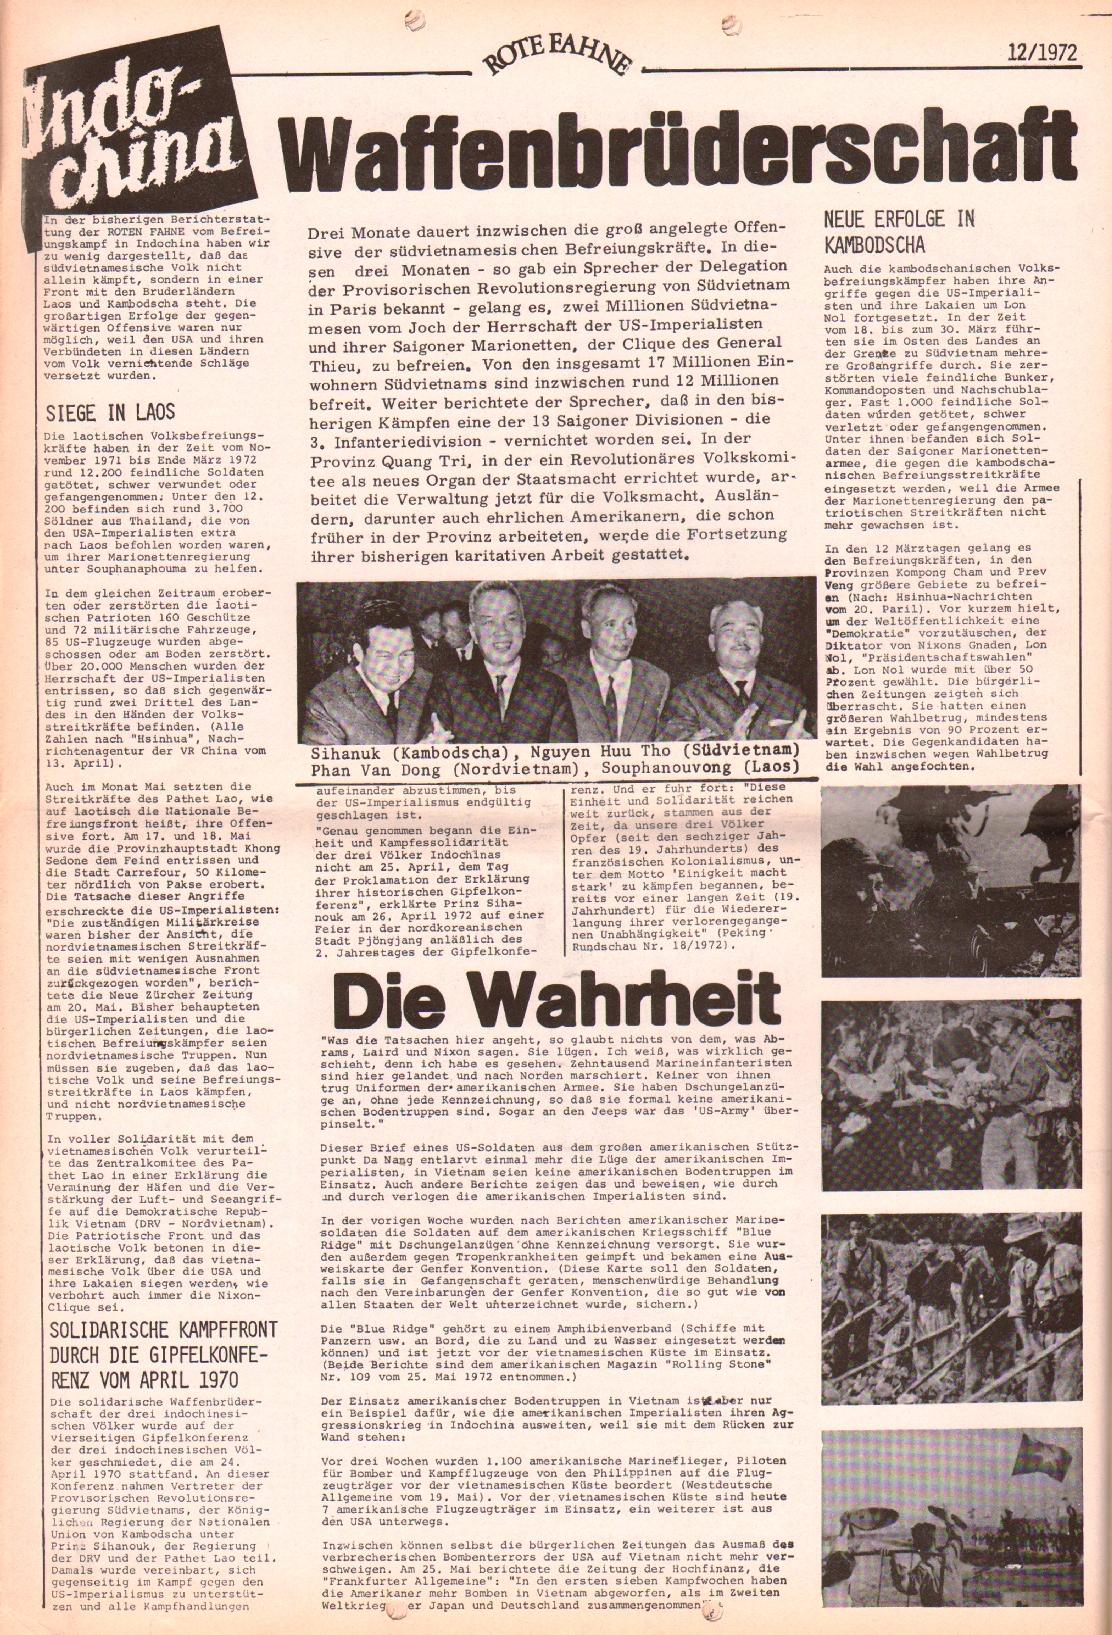 Rote Fahne, 3. Jg., 12.6.1972, Nr. 12, Seite 10